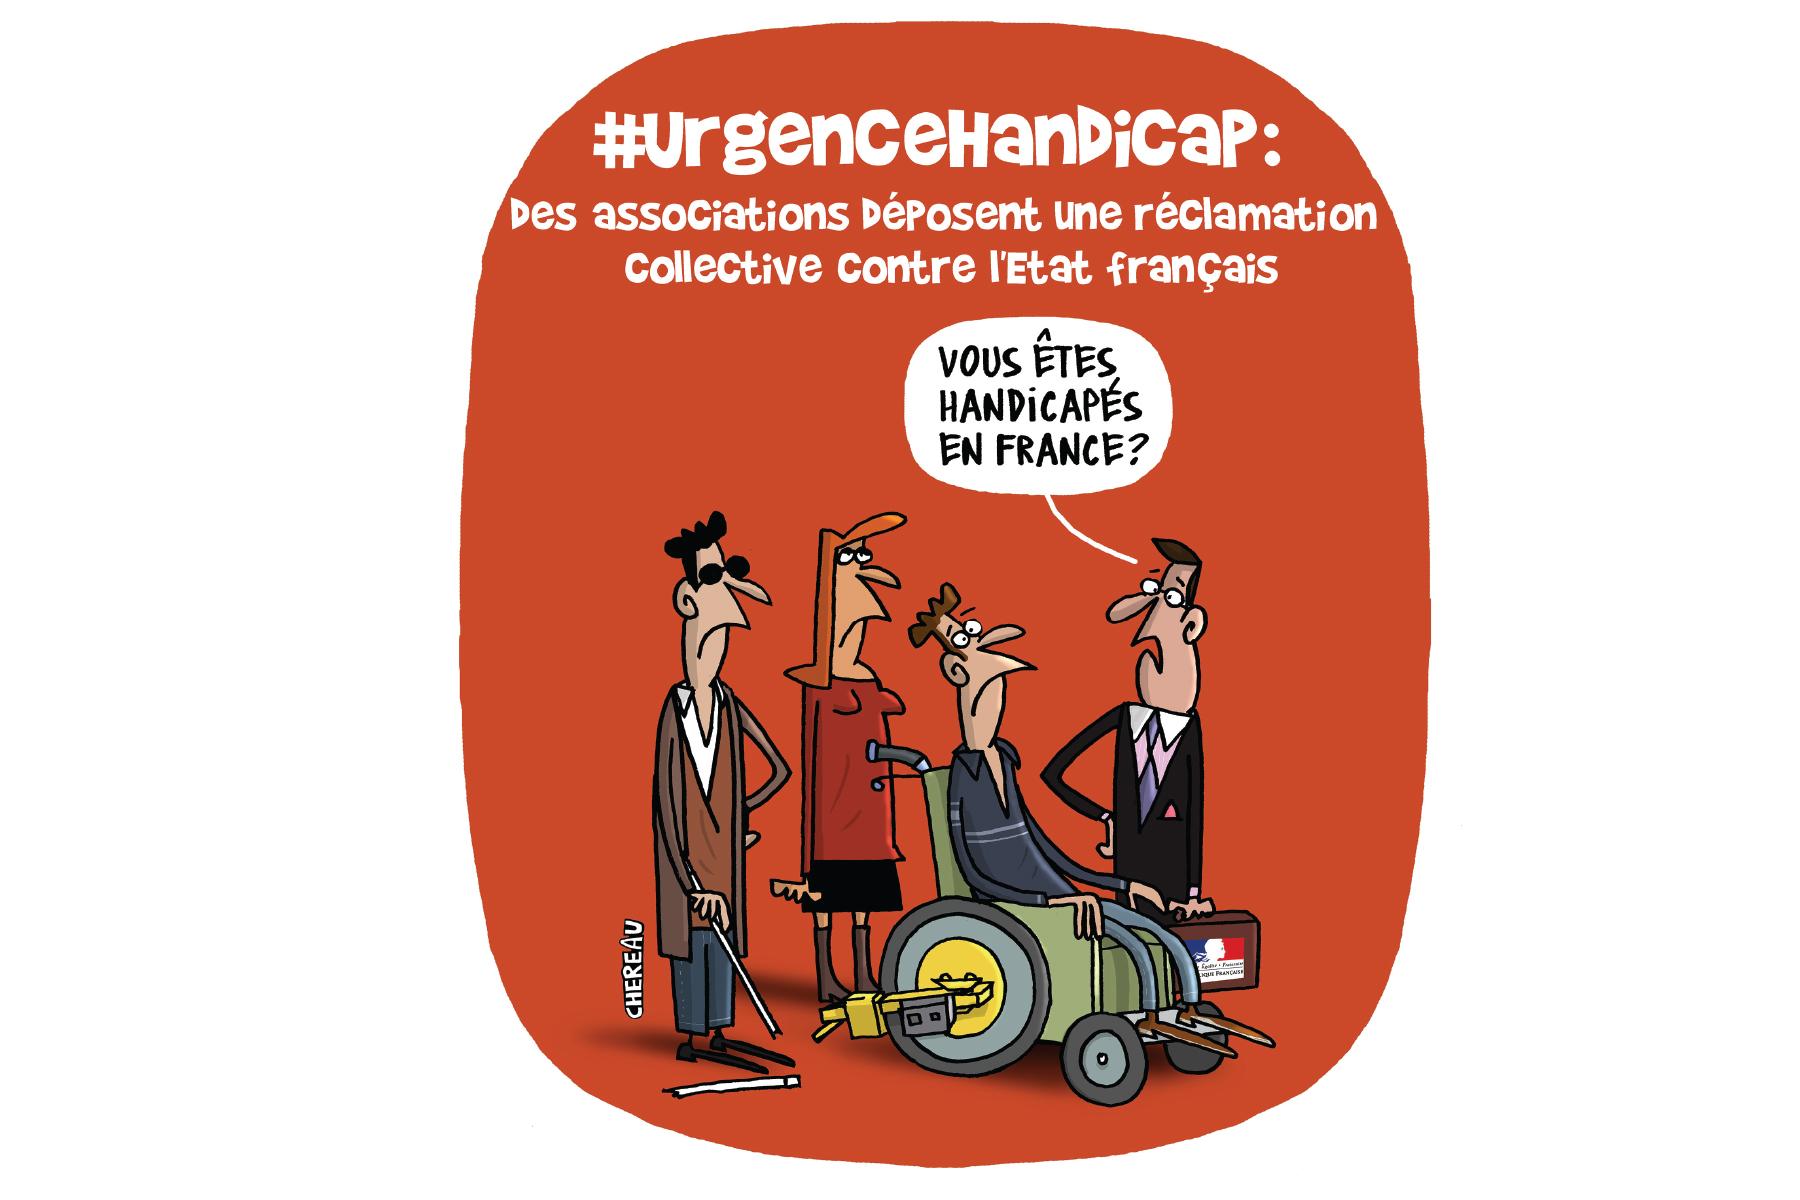 #UrgenceHandicap : réclamation collective contre l'Etat français